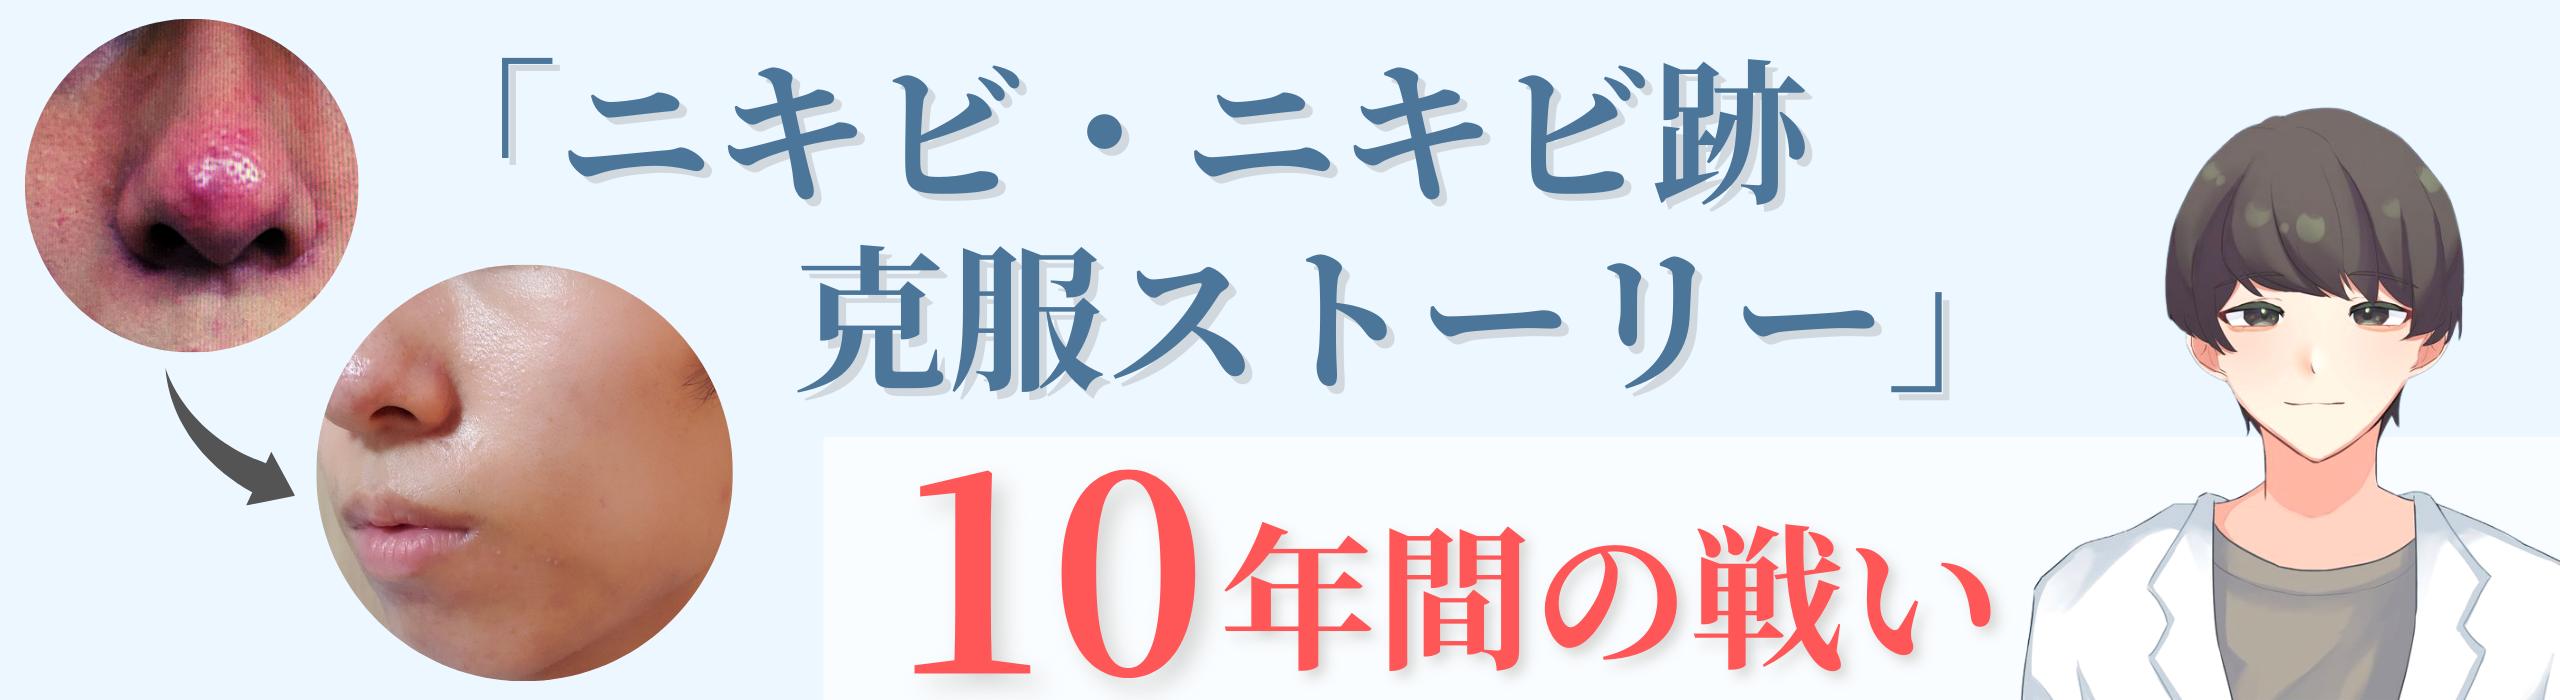 ニキビ・ニキビ跡歴10年のストーリー